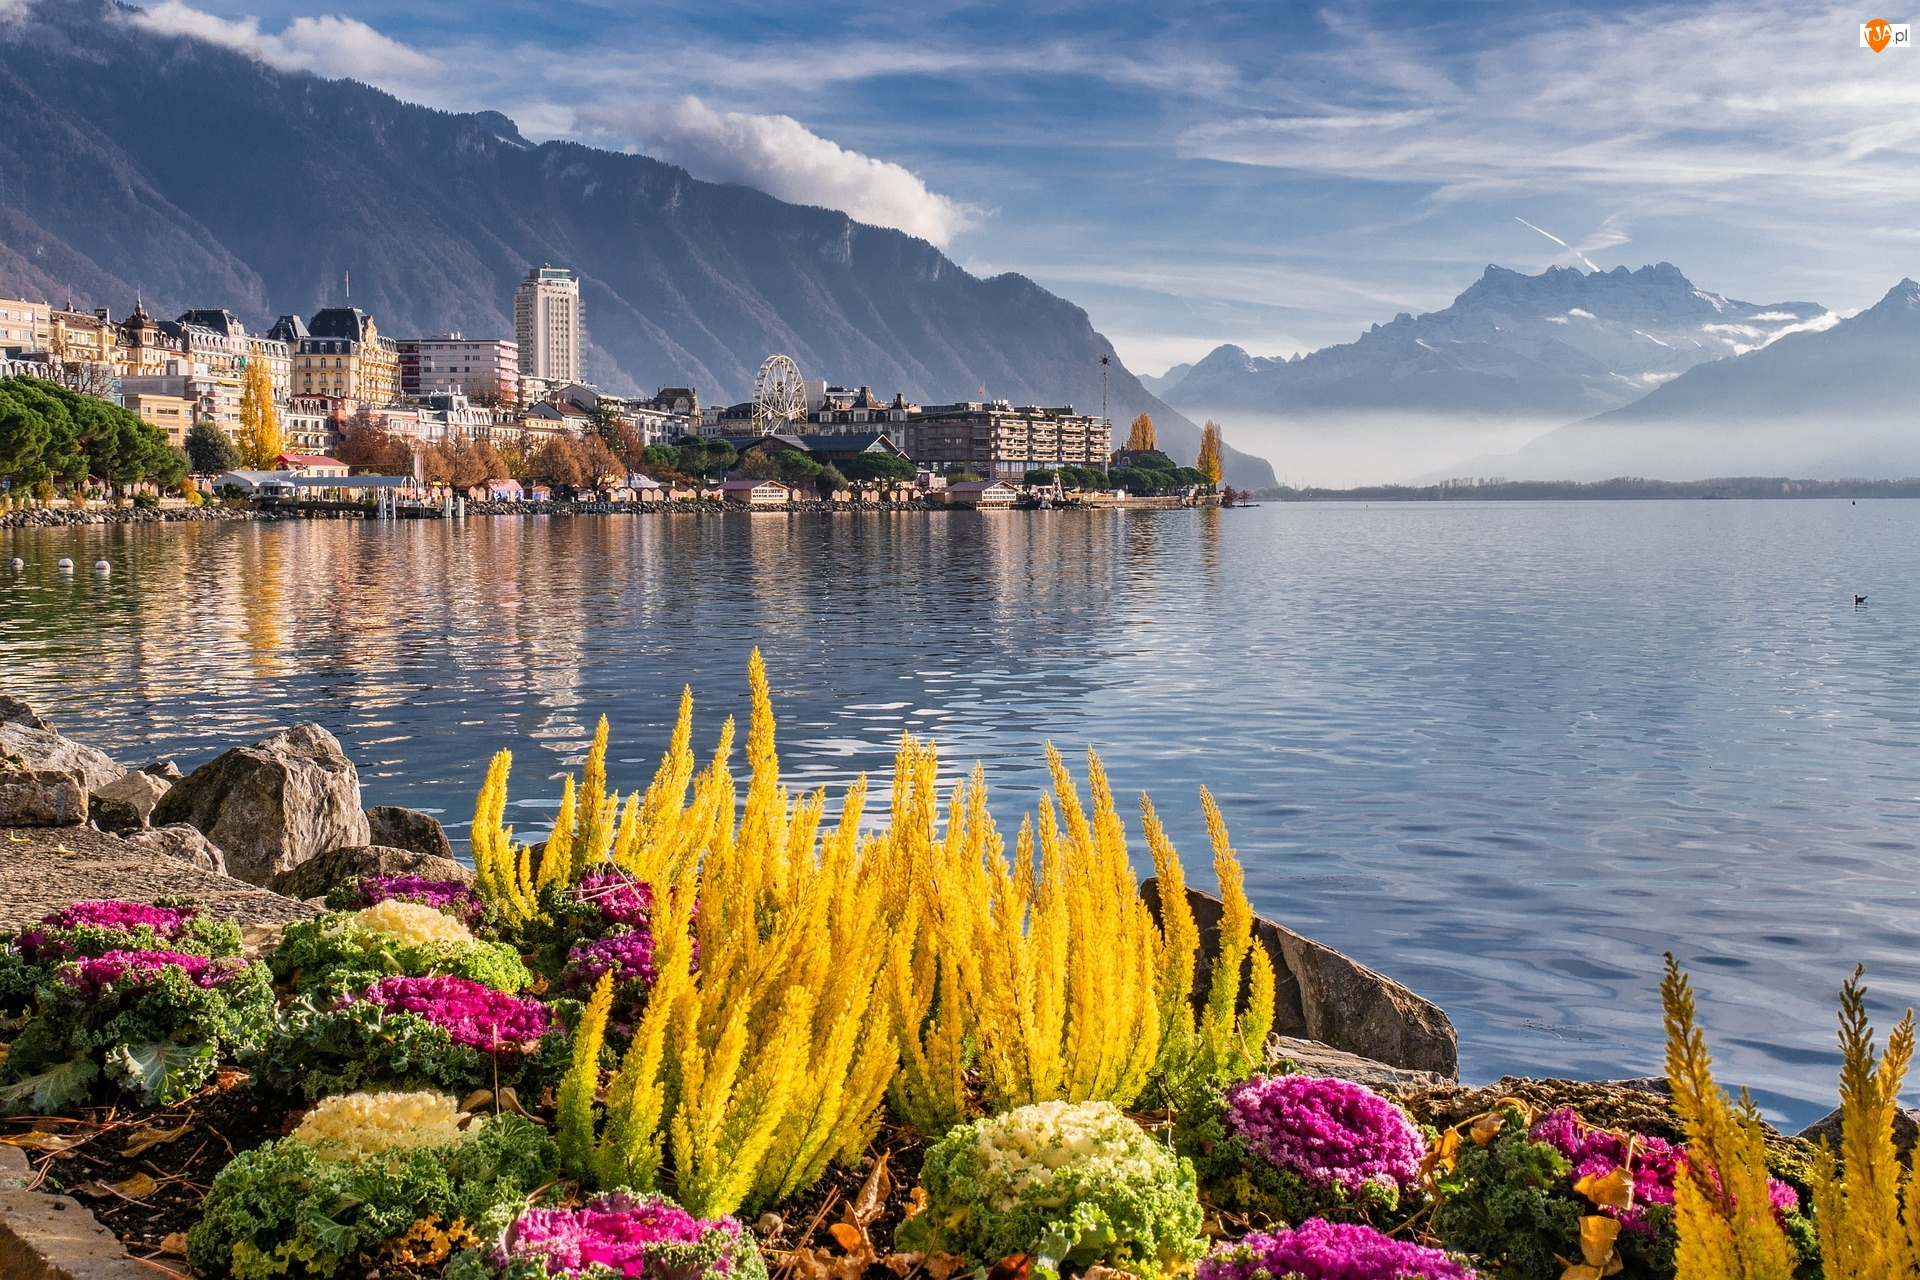 Rośliny, Klomb, Szwajcaria, Jezioro Genewskie, Montreux, Krajobraz, Góry